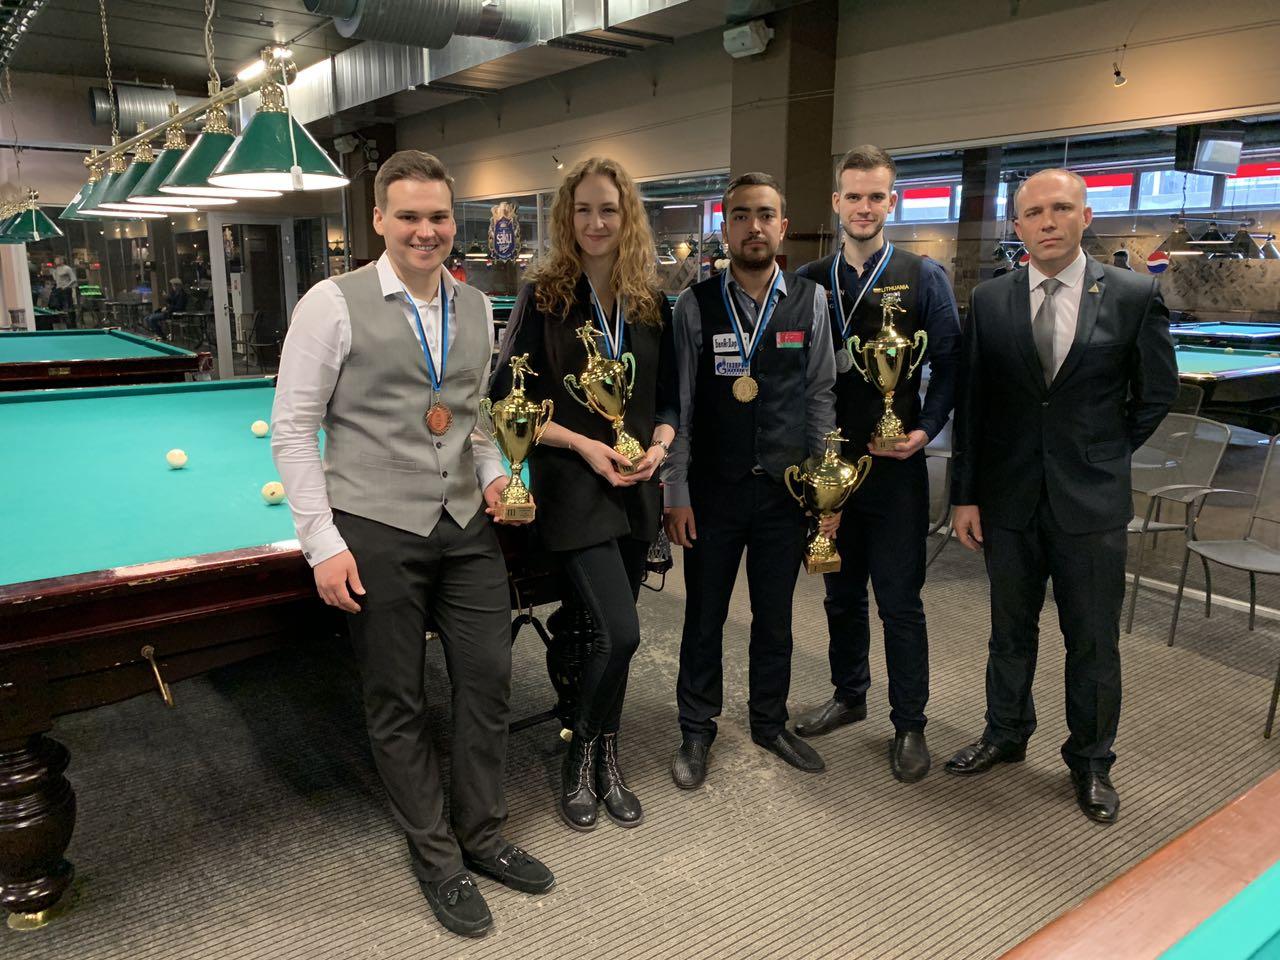 Владислав Родионов (в центре) – победитель II этапа Балтийской Лиги по пирамиде. Фото: турниры «Комильфо» во «ВКонтакте»